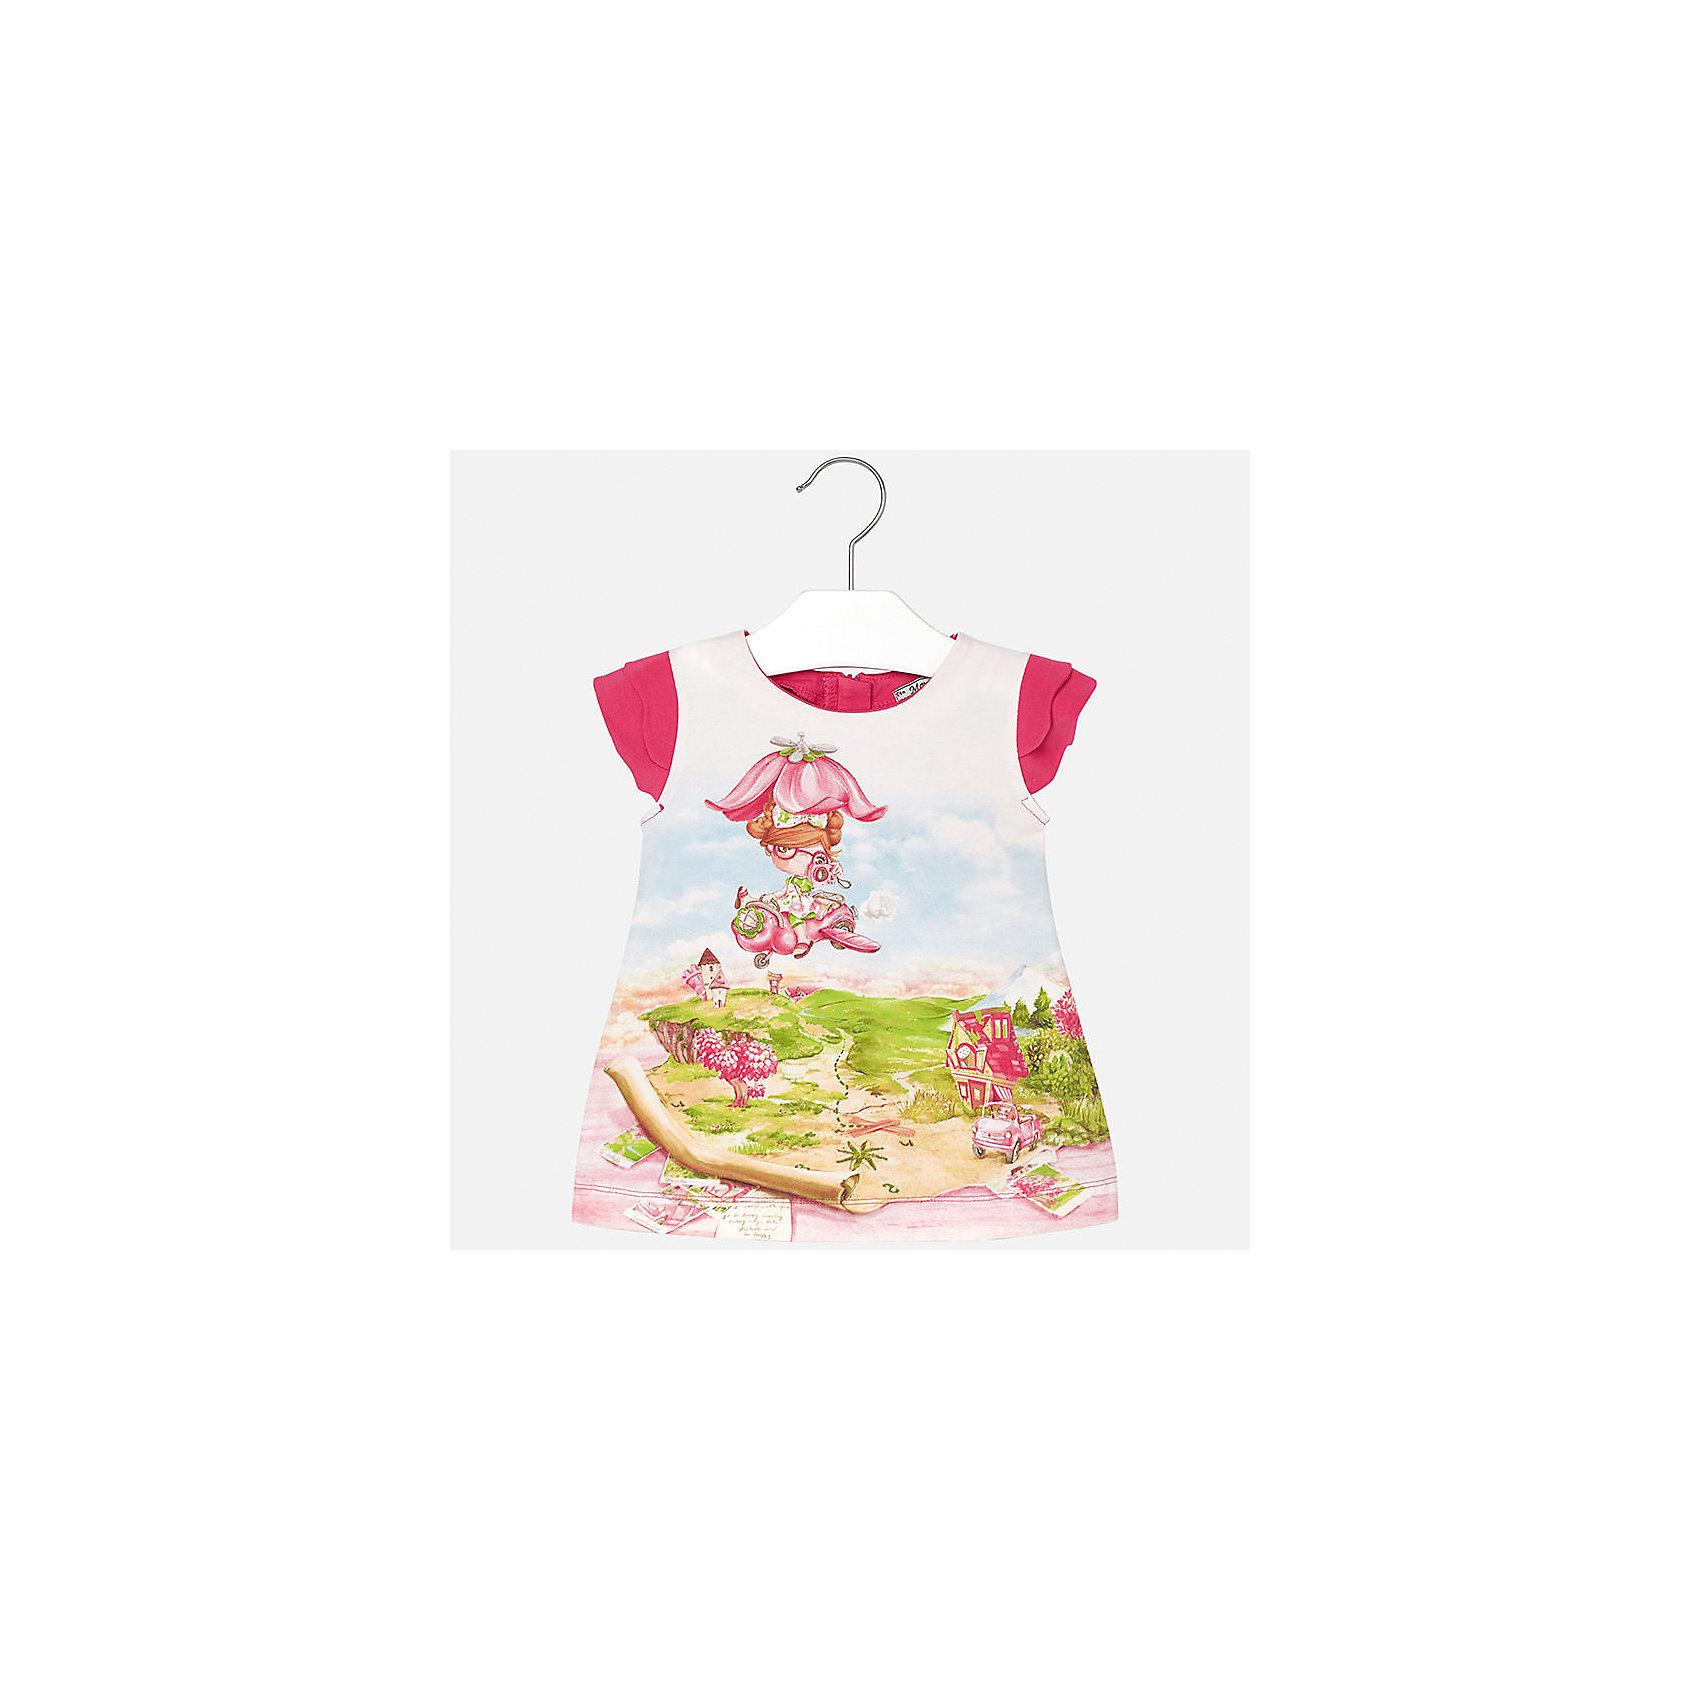 Платье для девочки MayoralПлатья<br>Платье для девочки от известной испанской марки Mayoral.<br><br>Ширина мм: 236<br>Глубина мм: 16<br>Высота мм: 184<br>Вес г: 177<br>Цвет: лиловый<br>Возраст от месяцев: 6<br>Возраст до месяцев: 9<br>Пол: Женский<br>Возраст: Детский<br>Размер: 74,92,80,86<br>SKU: 5289203